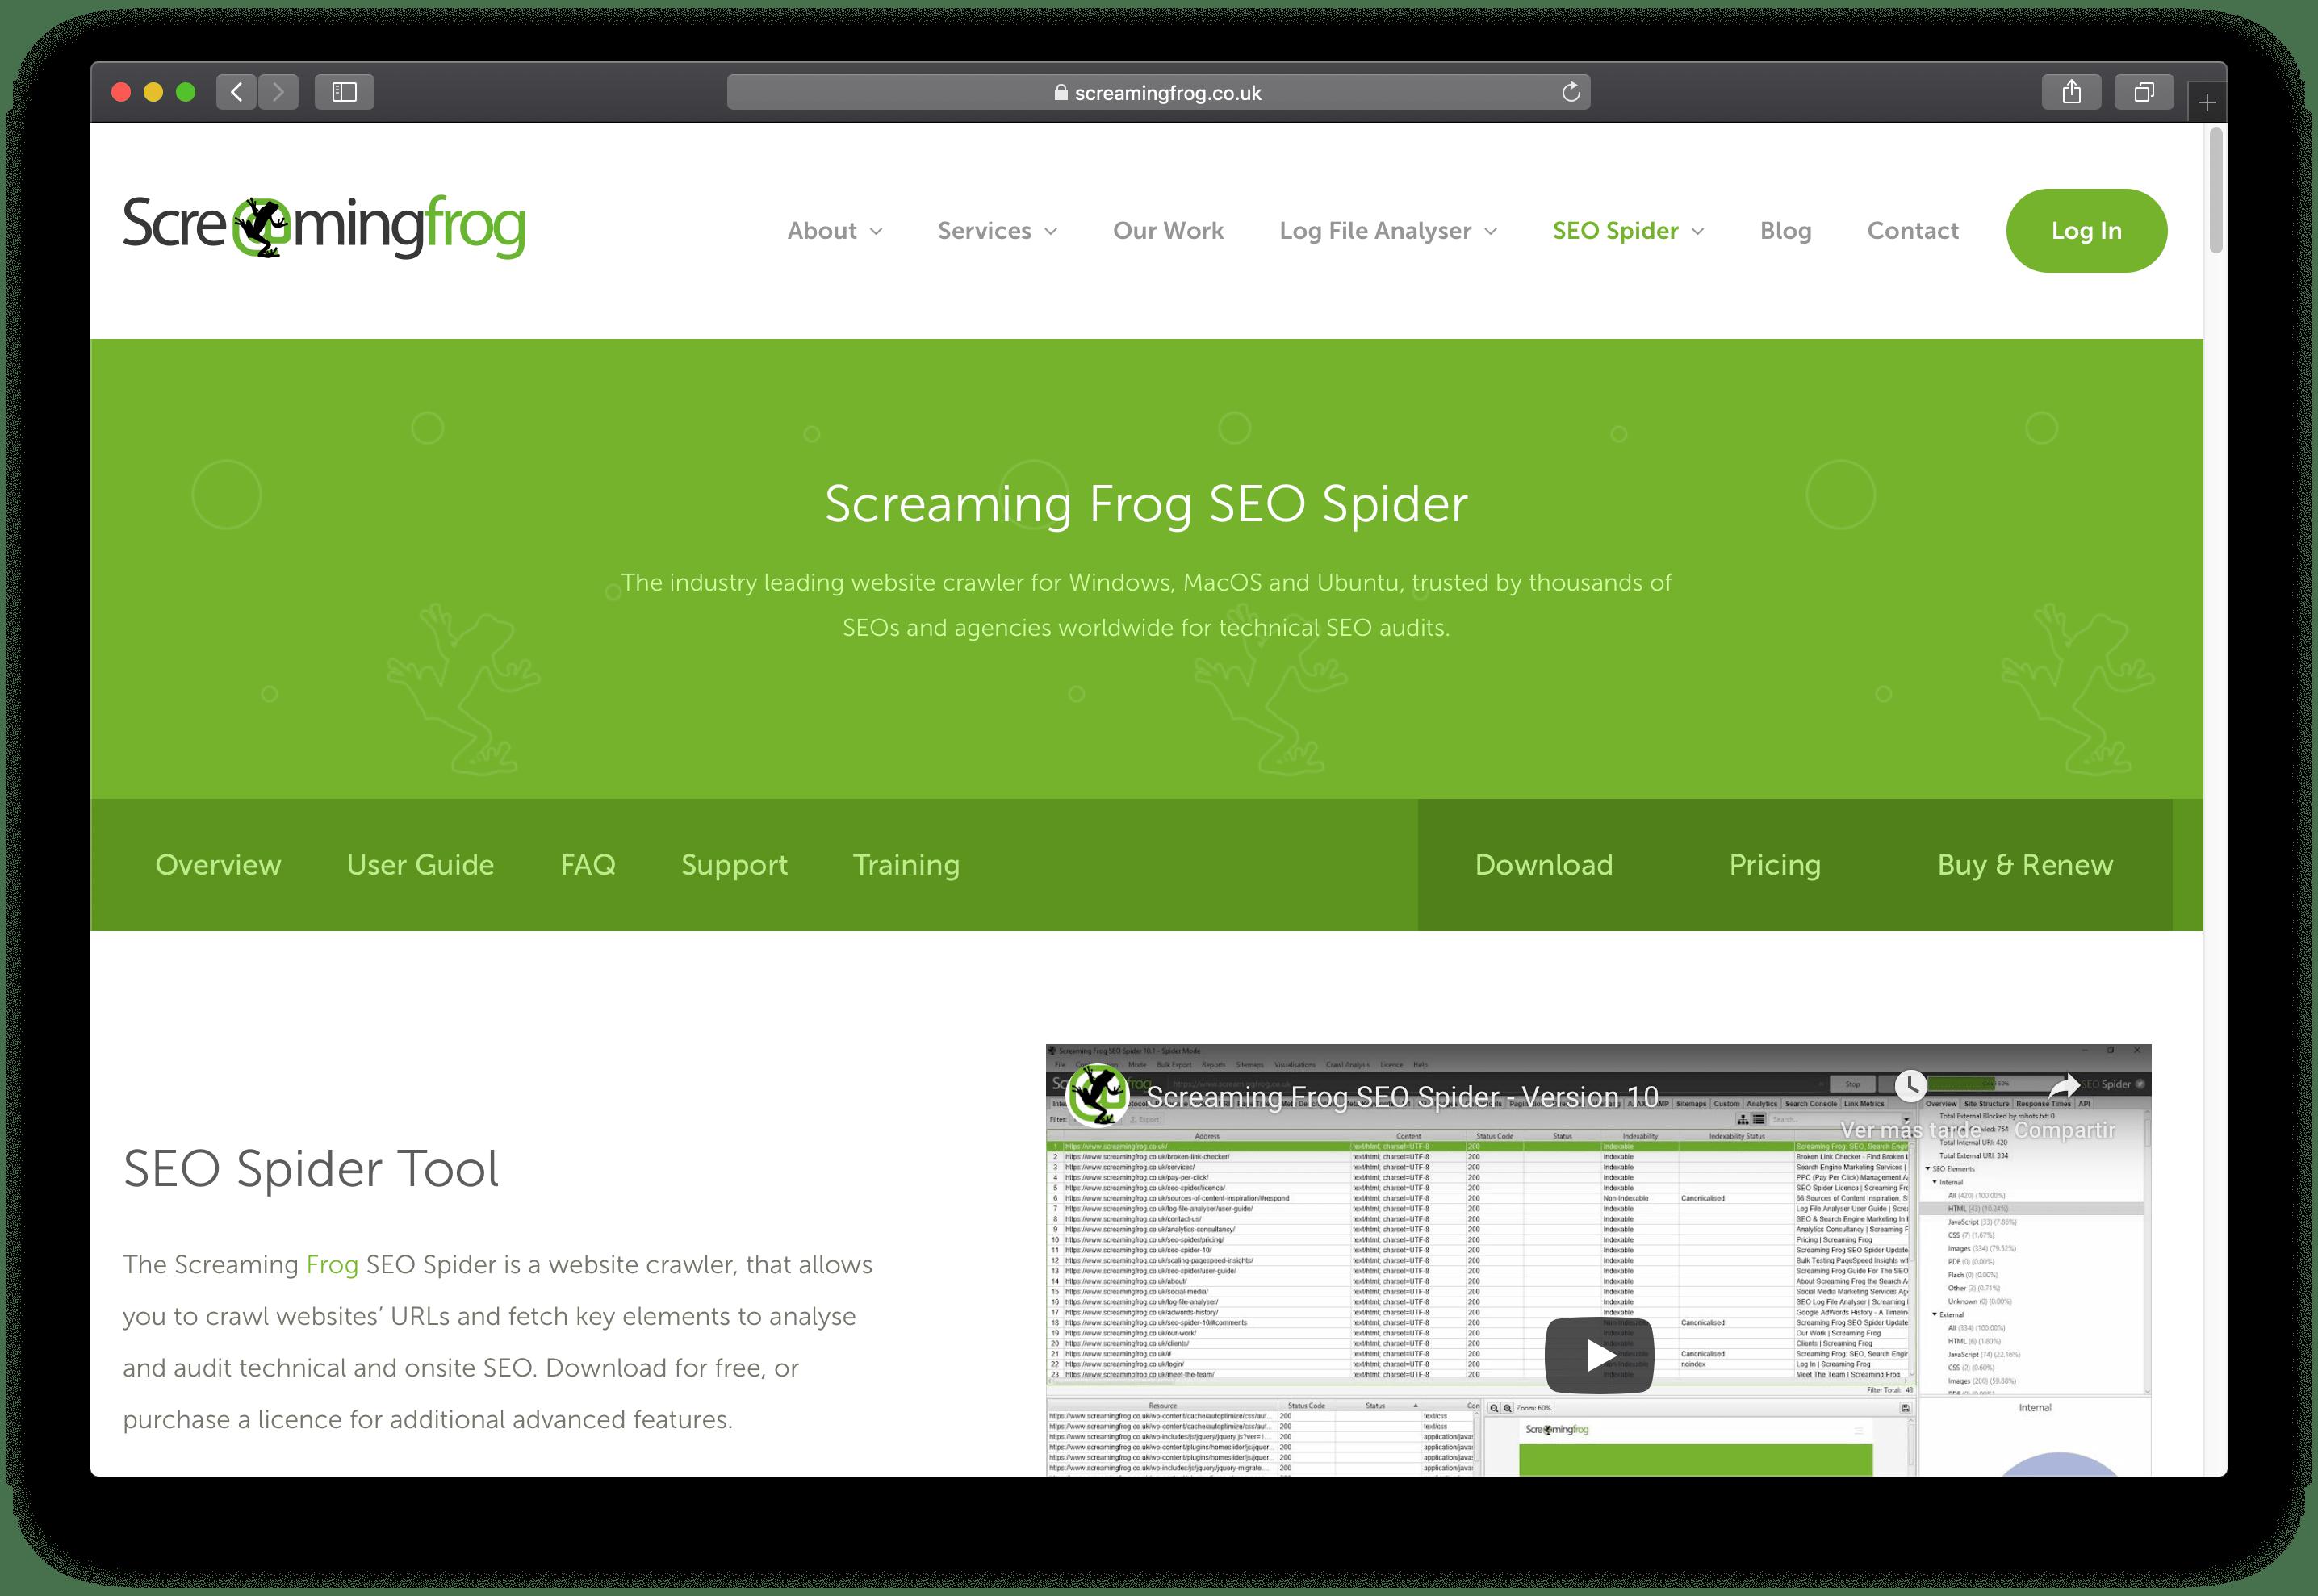 herramientas-analisis-seo-on-page